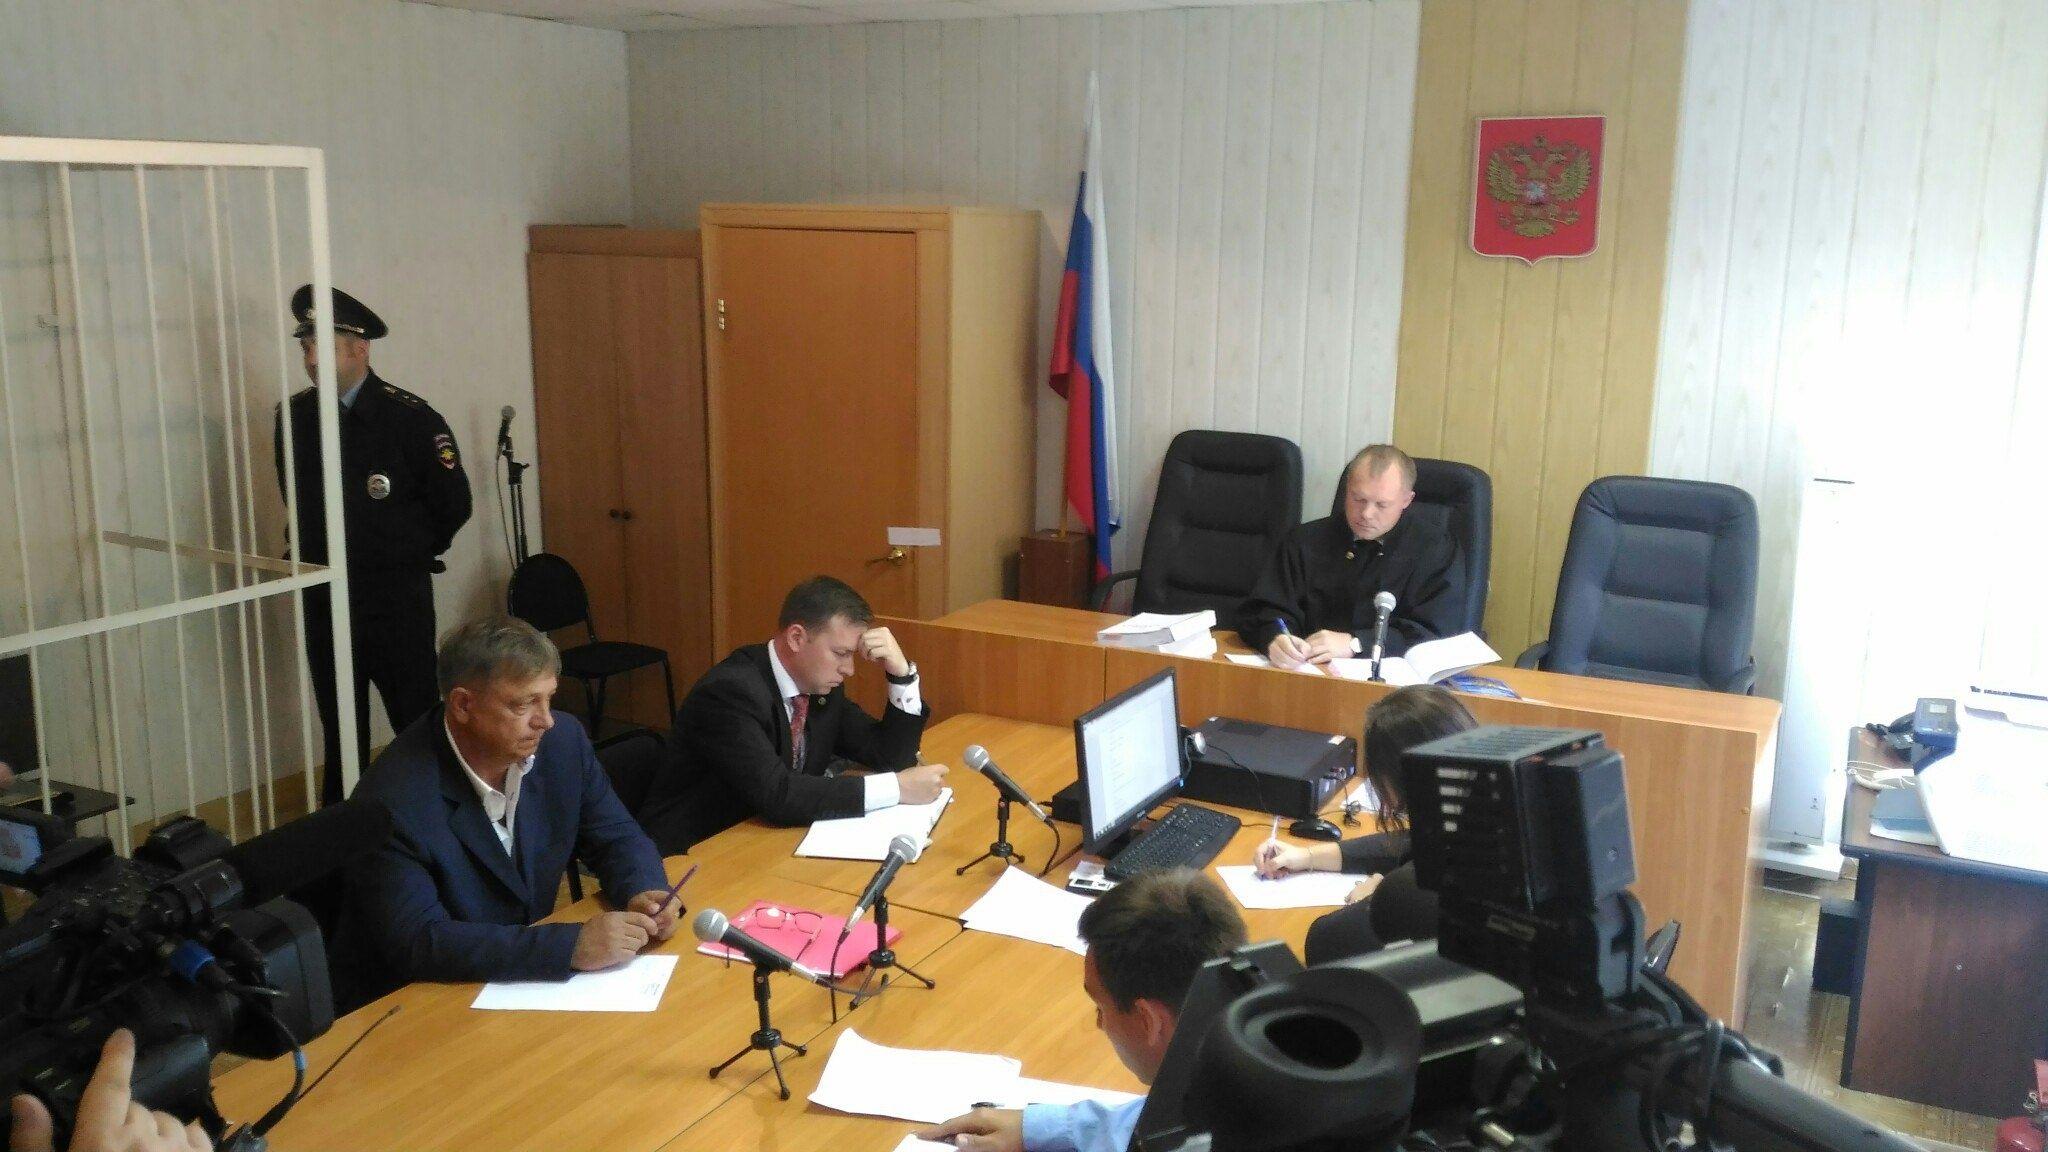 Сэкс-директора НПО «Мостовик» Олега Шишова требуют взыскать неуплаченные налоги